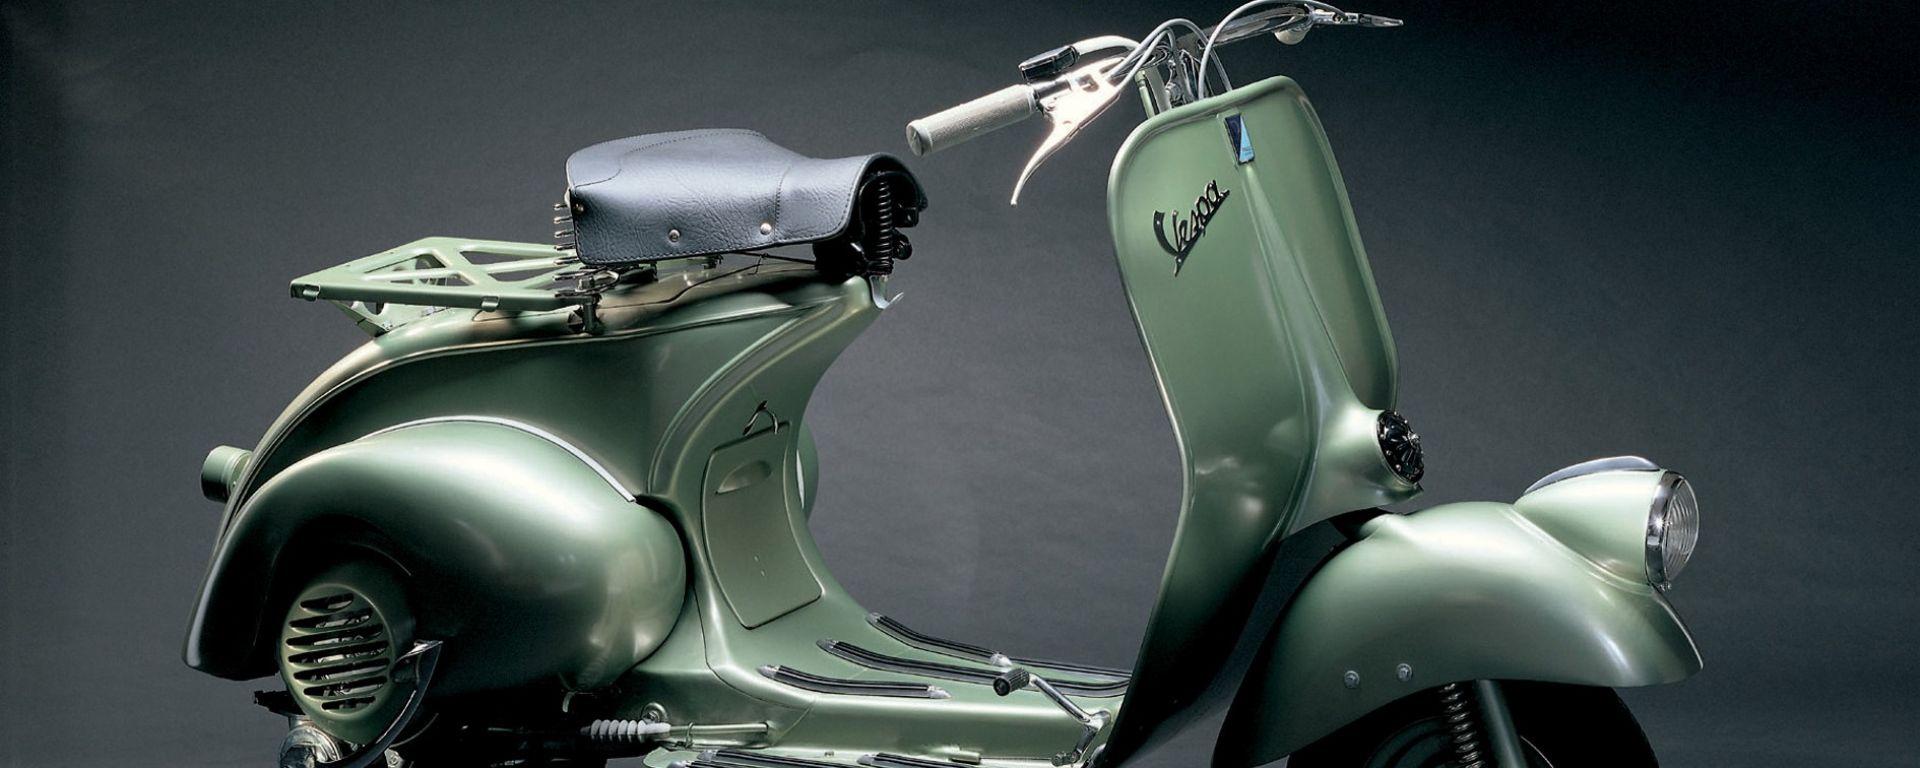 Vespa 125 cc 1948